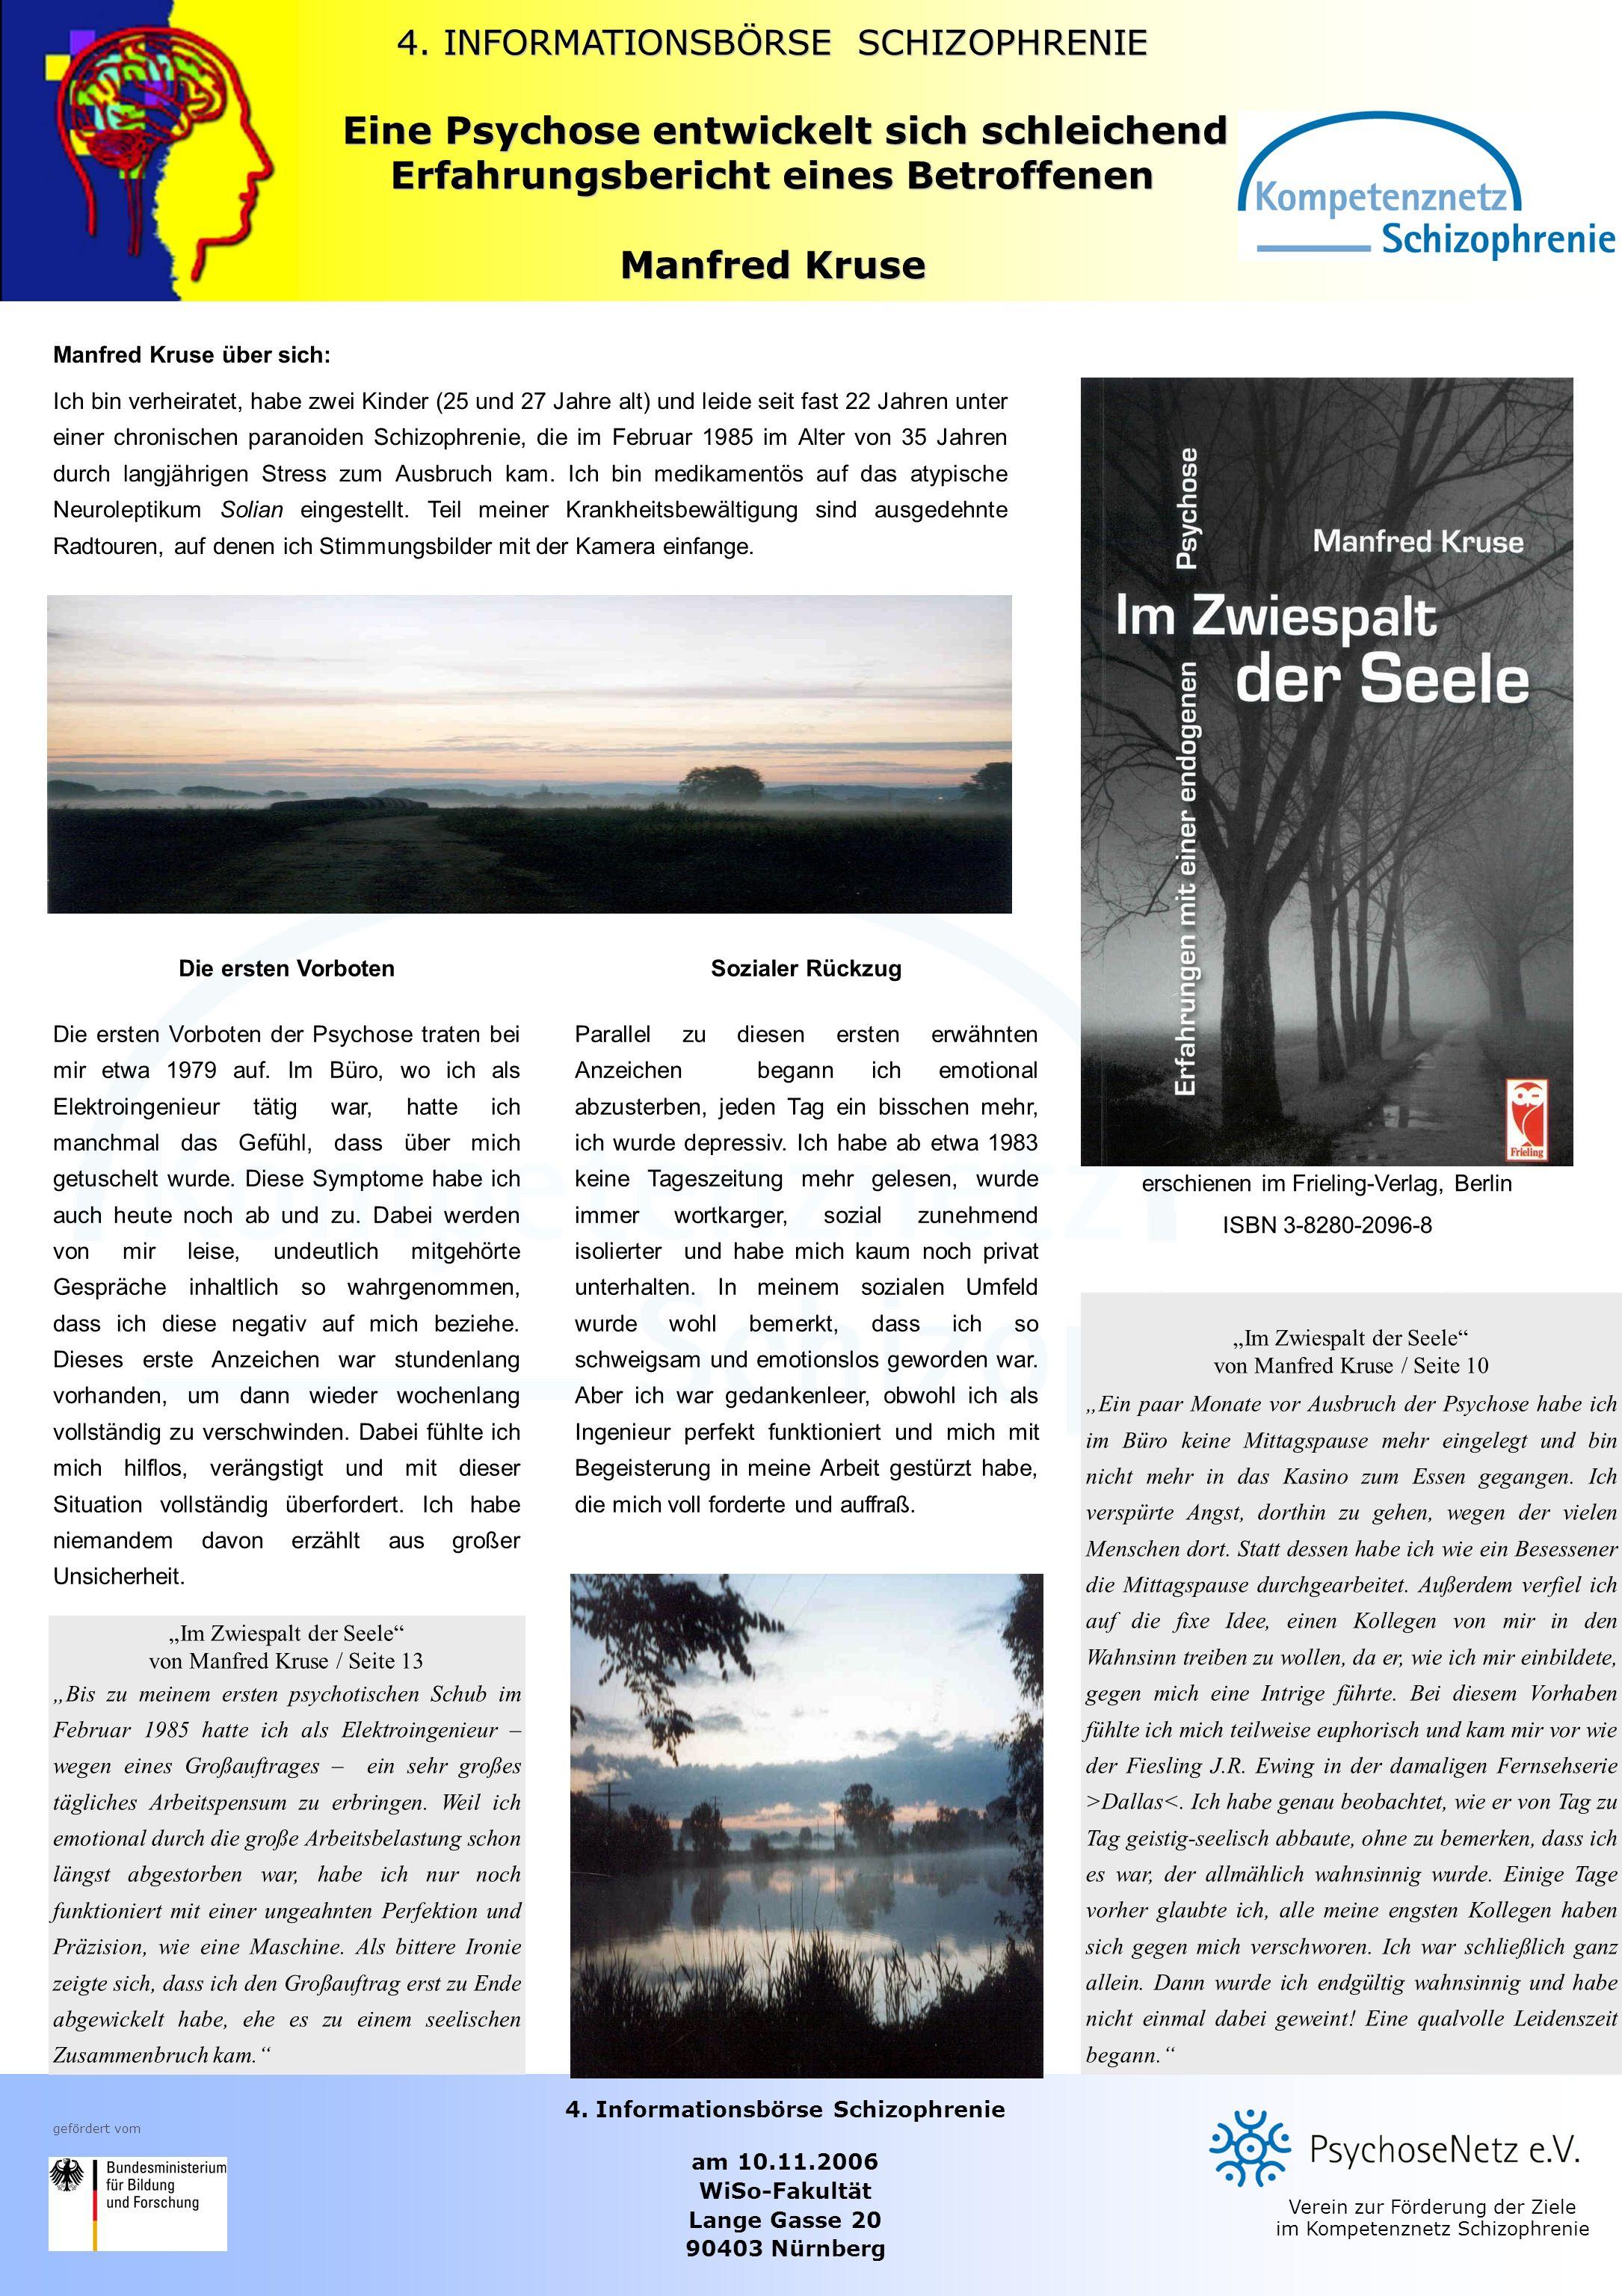 4. Informationsbörse Schizophrenie am 10.11.2006 WiSo-Fakultät Lange Gasse 20 90403 Nürnberg Verein zur Förderung der Ziele im Kompetenznetz Schizophr